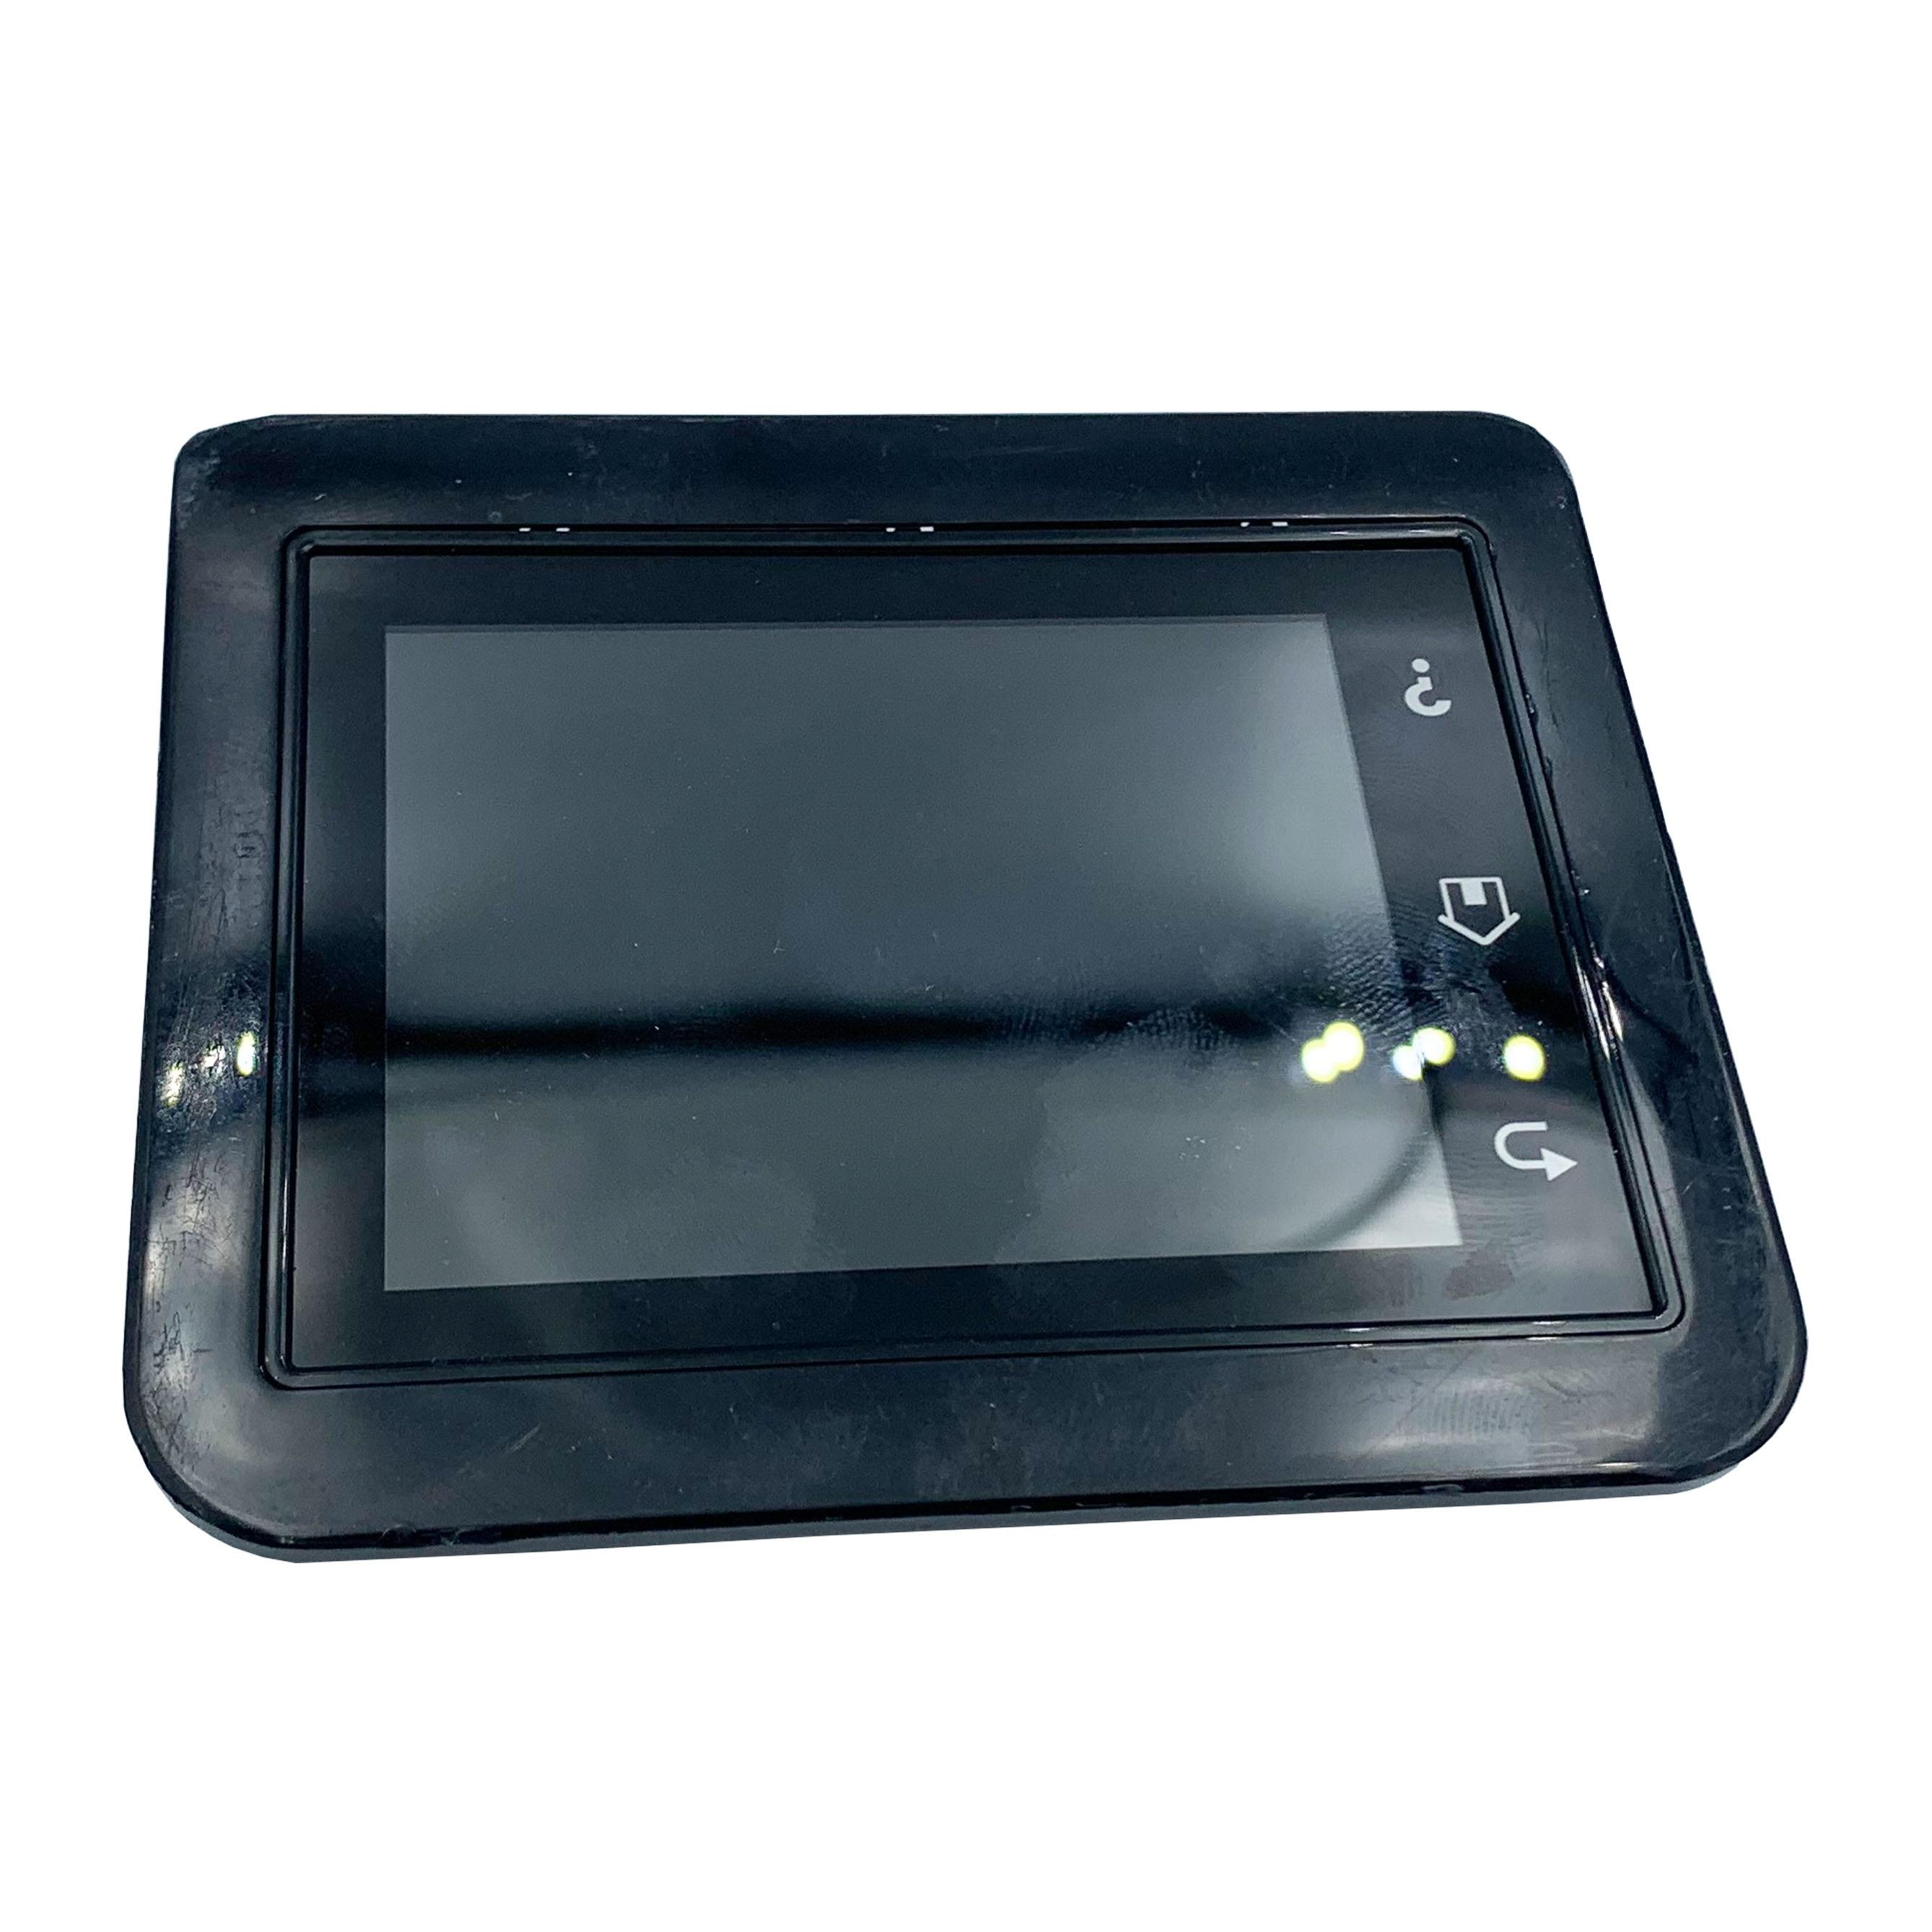 لوحة التحكم الجمعية ل HP M252DW M452DW M426 M427 M277dw M274 426 427 277 طابعة التحكم مفتاح مجلس C5F98-60002 B3Q10-60139